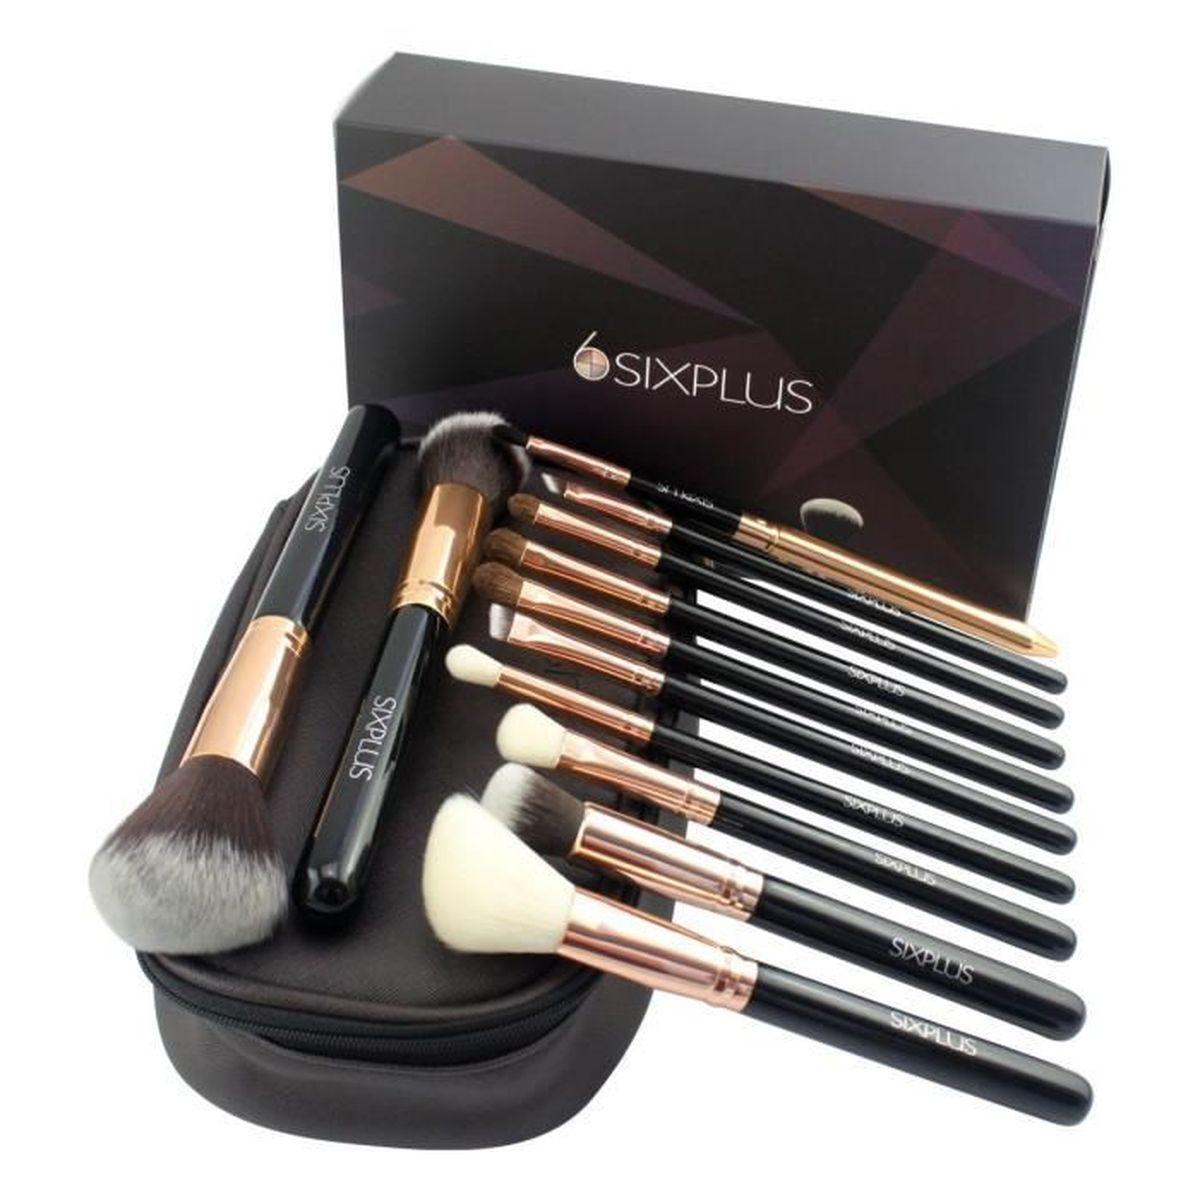 sixplus 12 kit pinceaux maquillage professionnel cosm tique beaut poudre fonds de teints. Black Bedroom Furniture Sets. Home Design Ideas